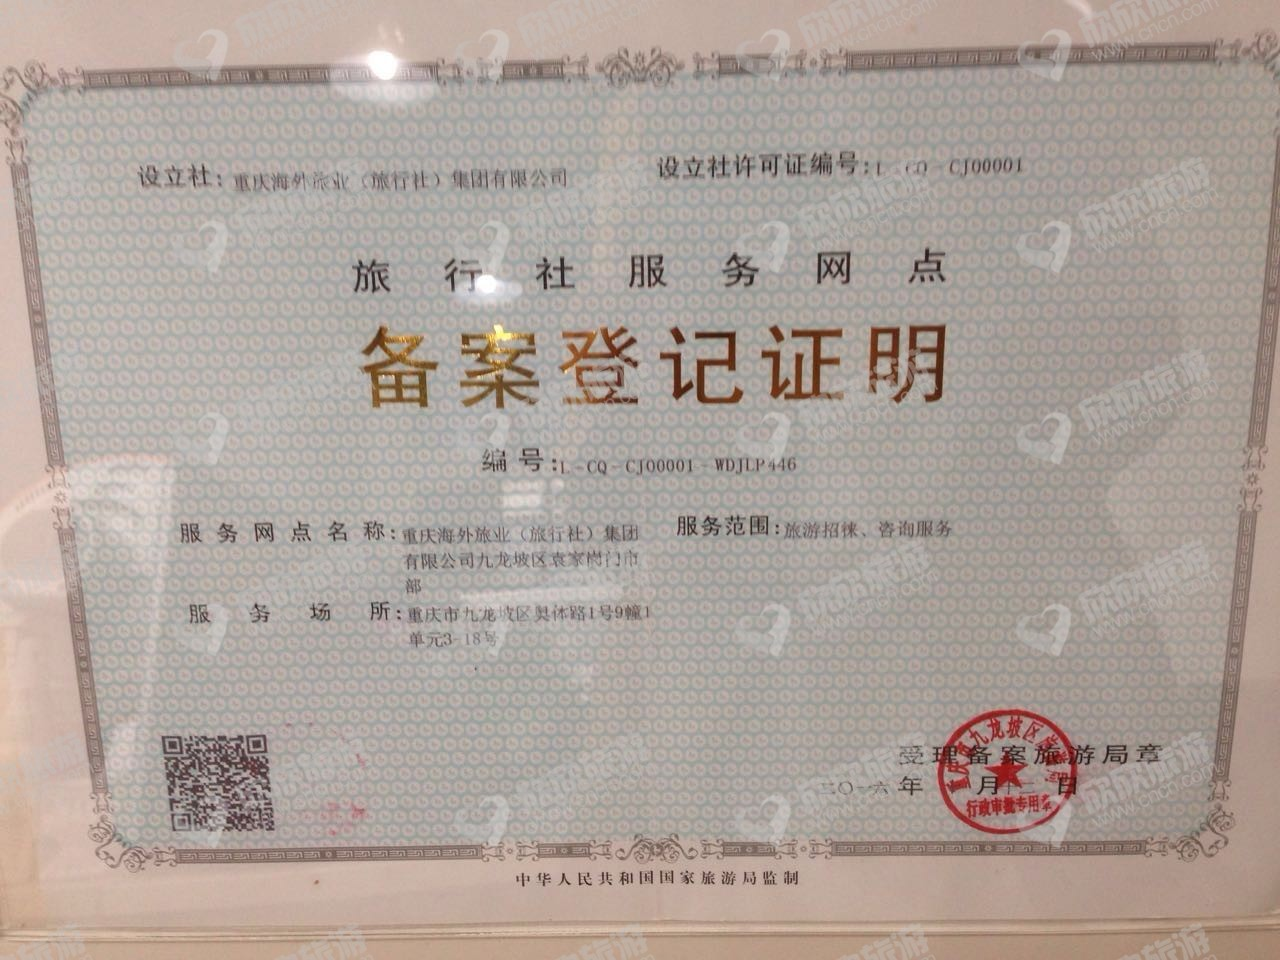 重庆海外旅业(旅行社)集团有限公司九龙坡区袁家岗门市部经营许可证